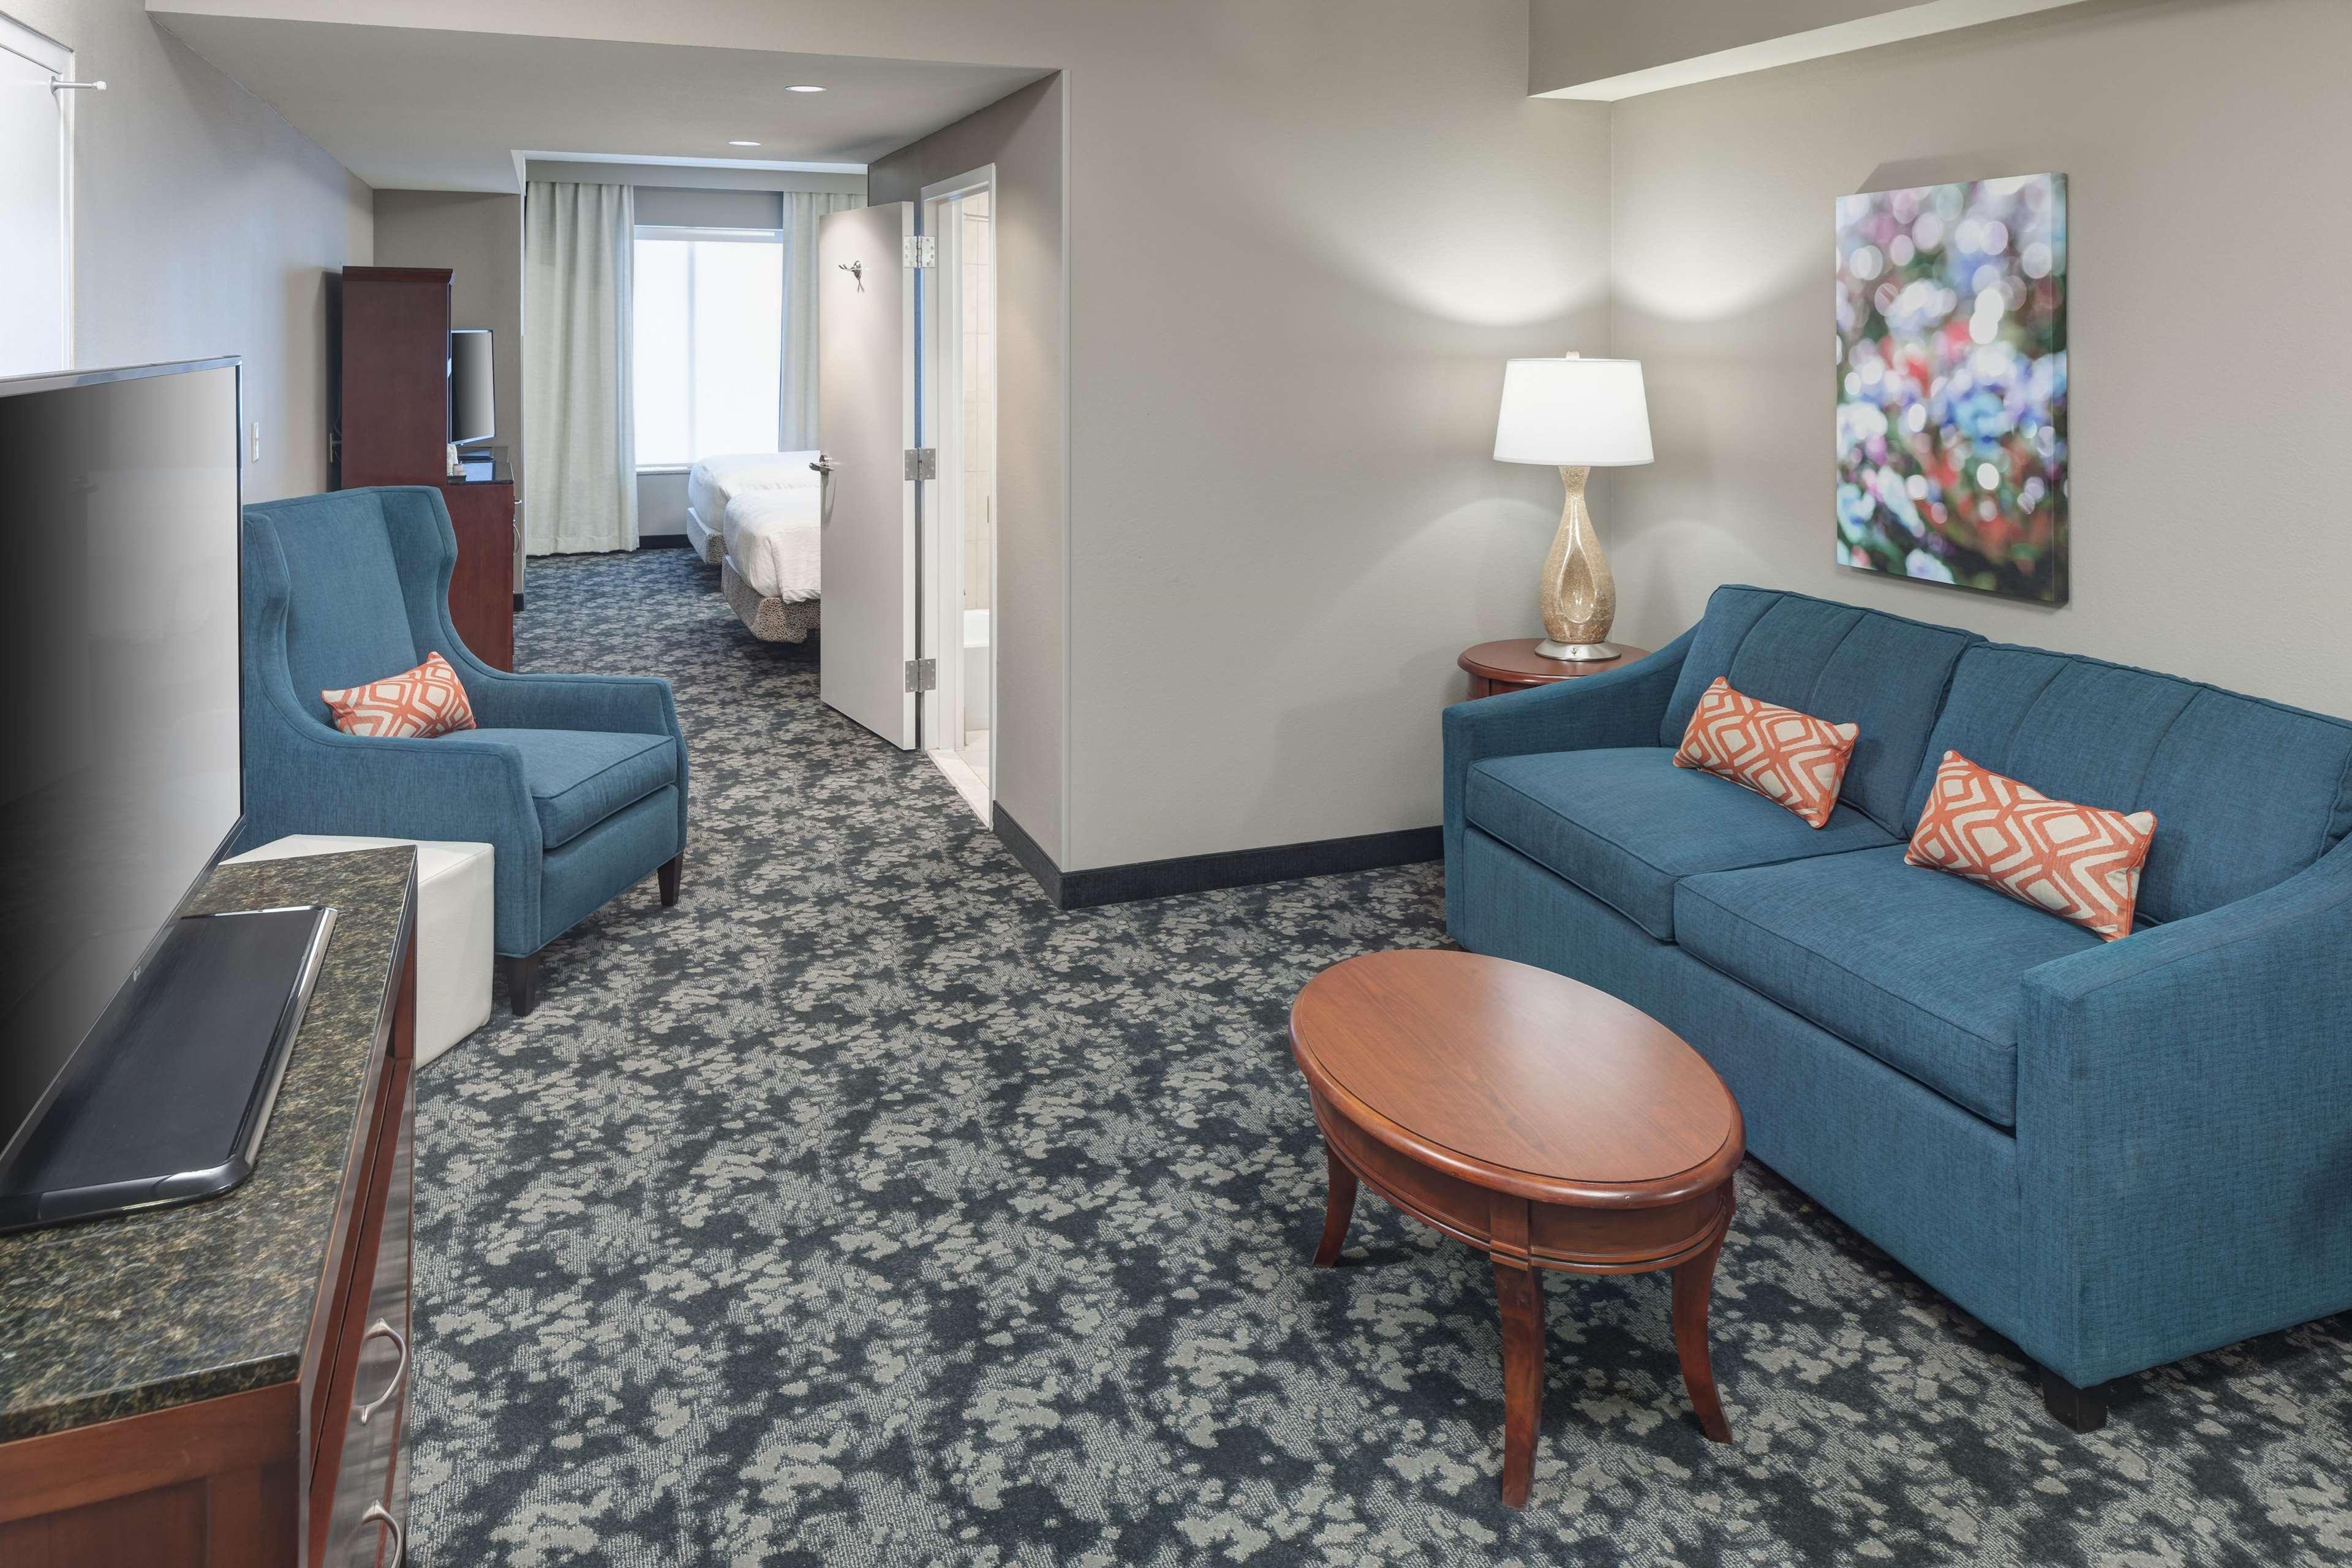 Hilton Garden Inn Frisco image 2